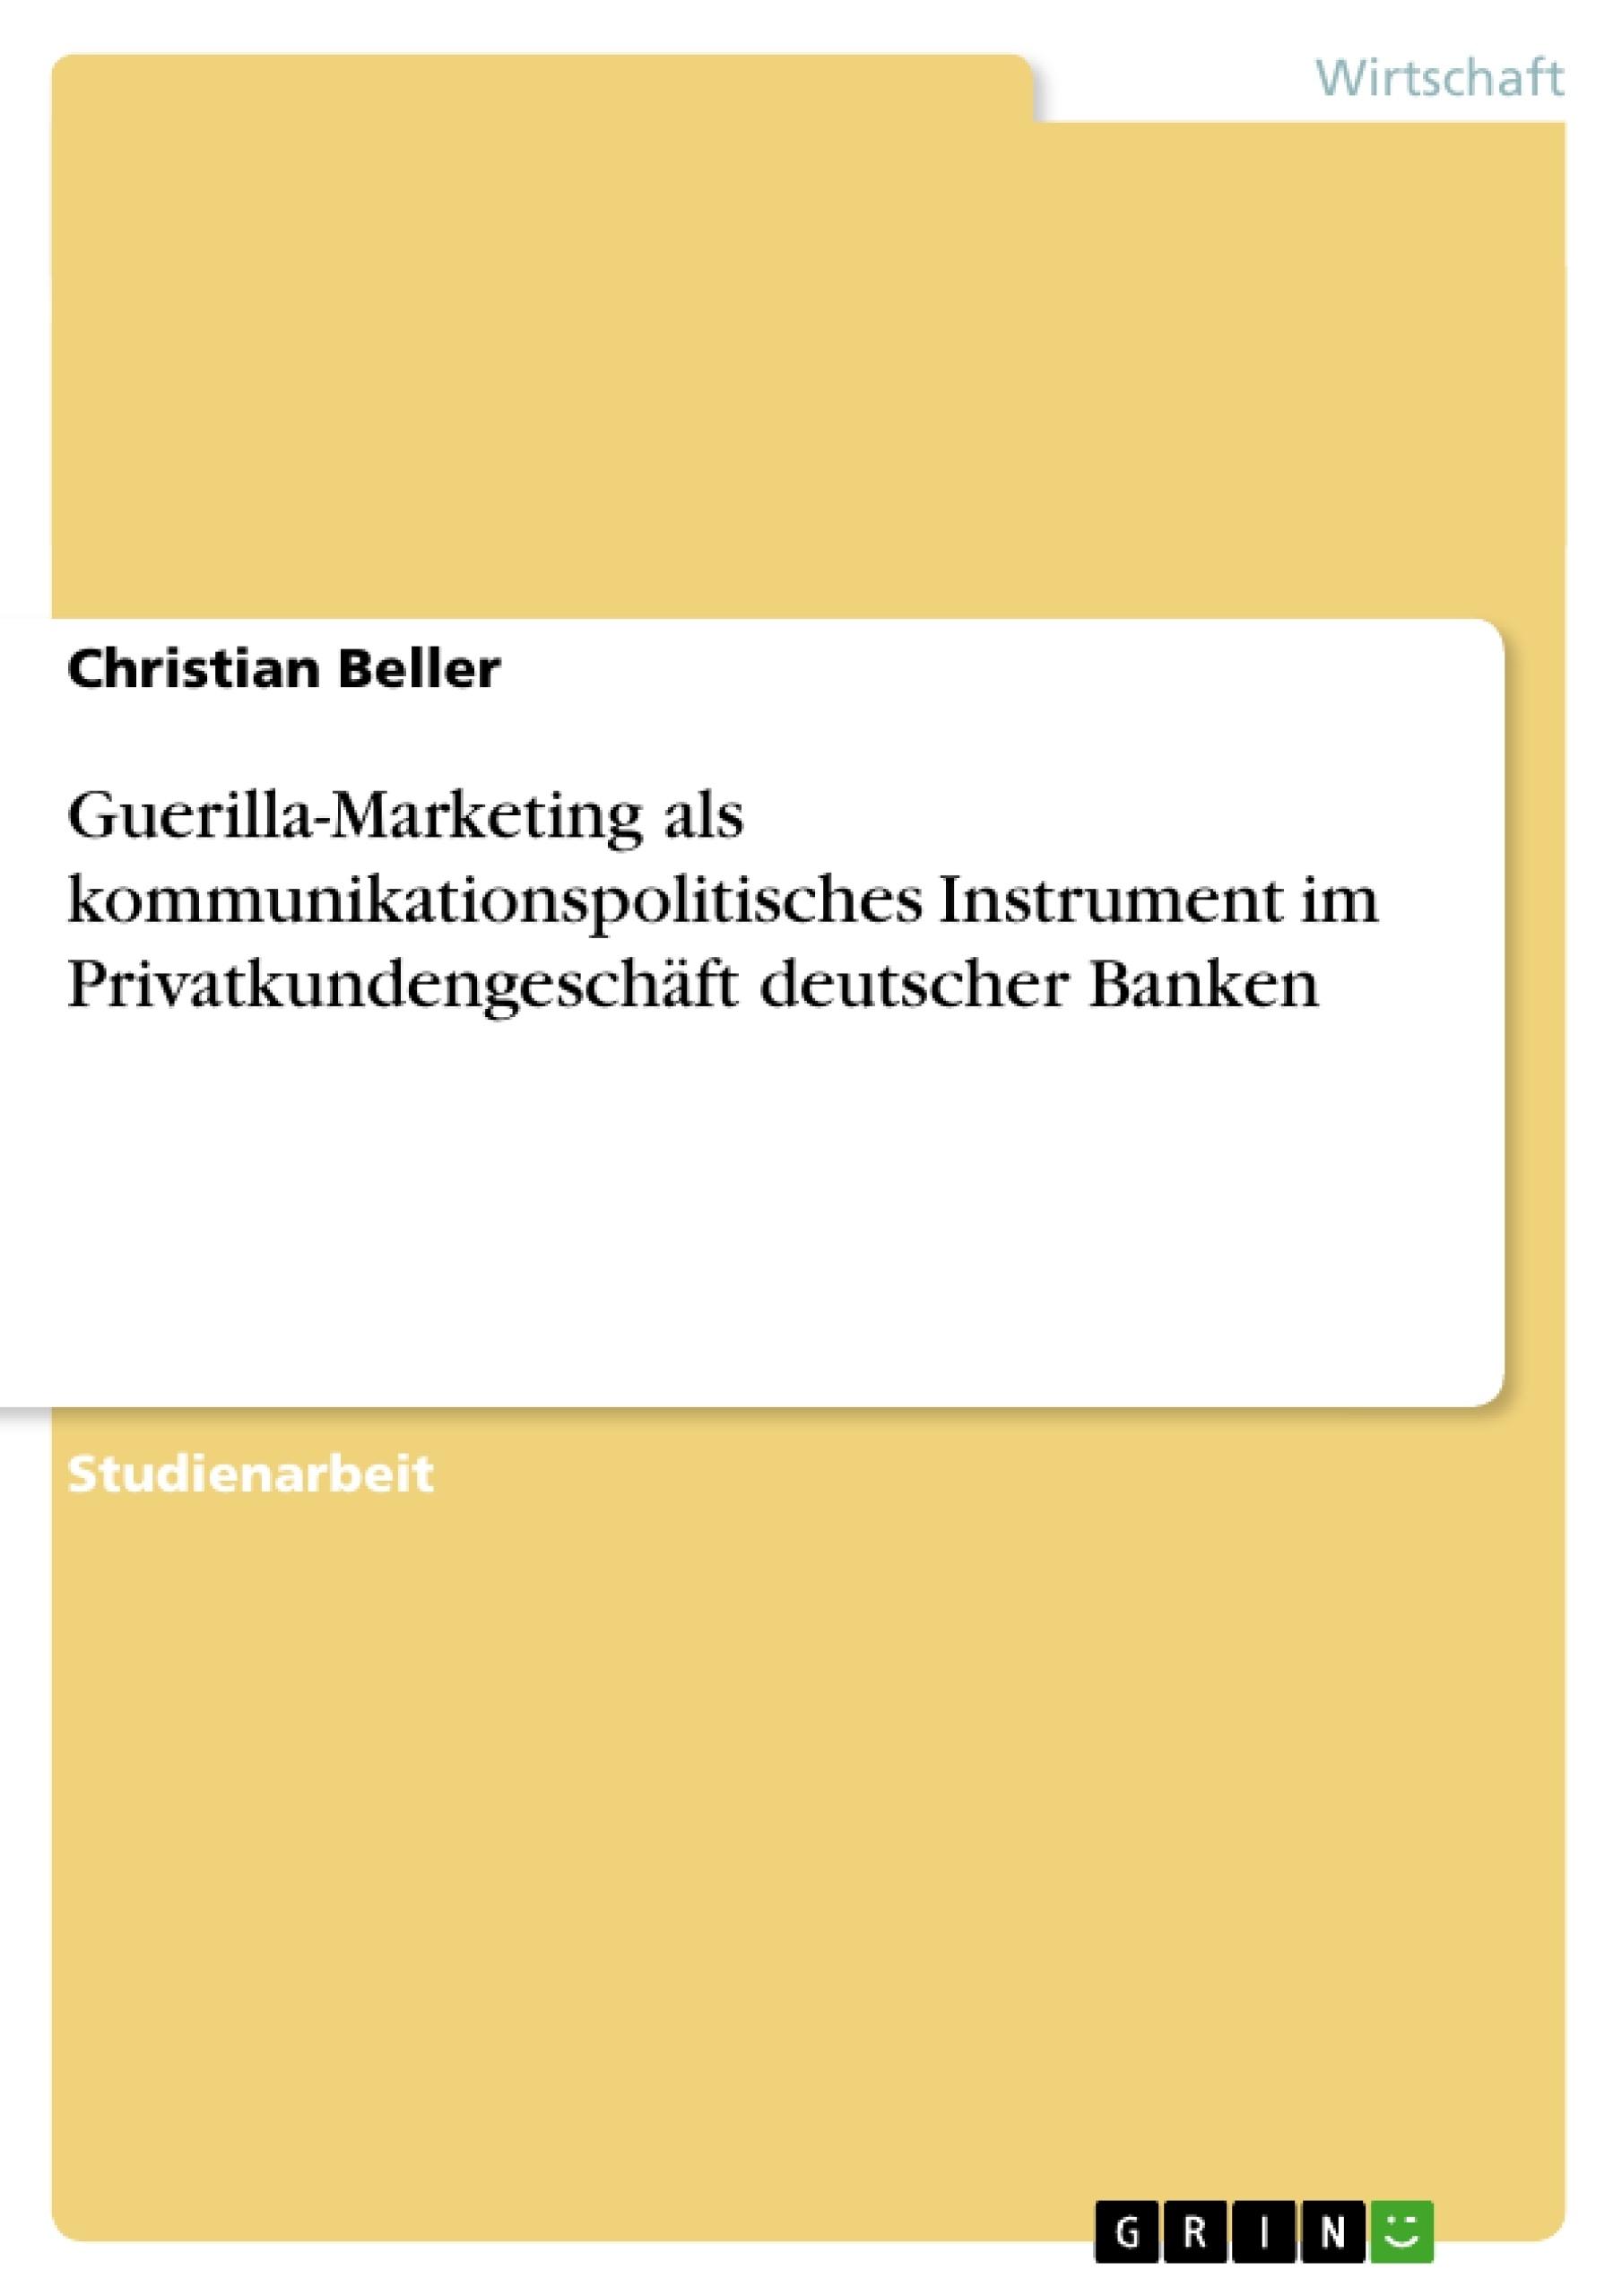 Titel: Guerilla-Marketing als kommunikationspolitisches Instrument im Privatkundengeschäft deutscher Banken